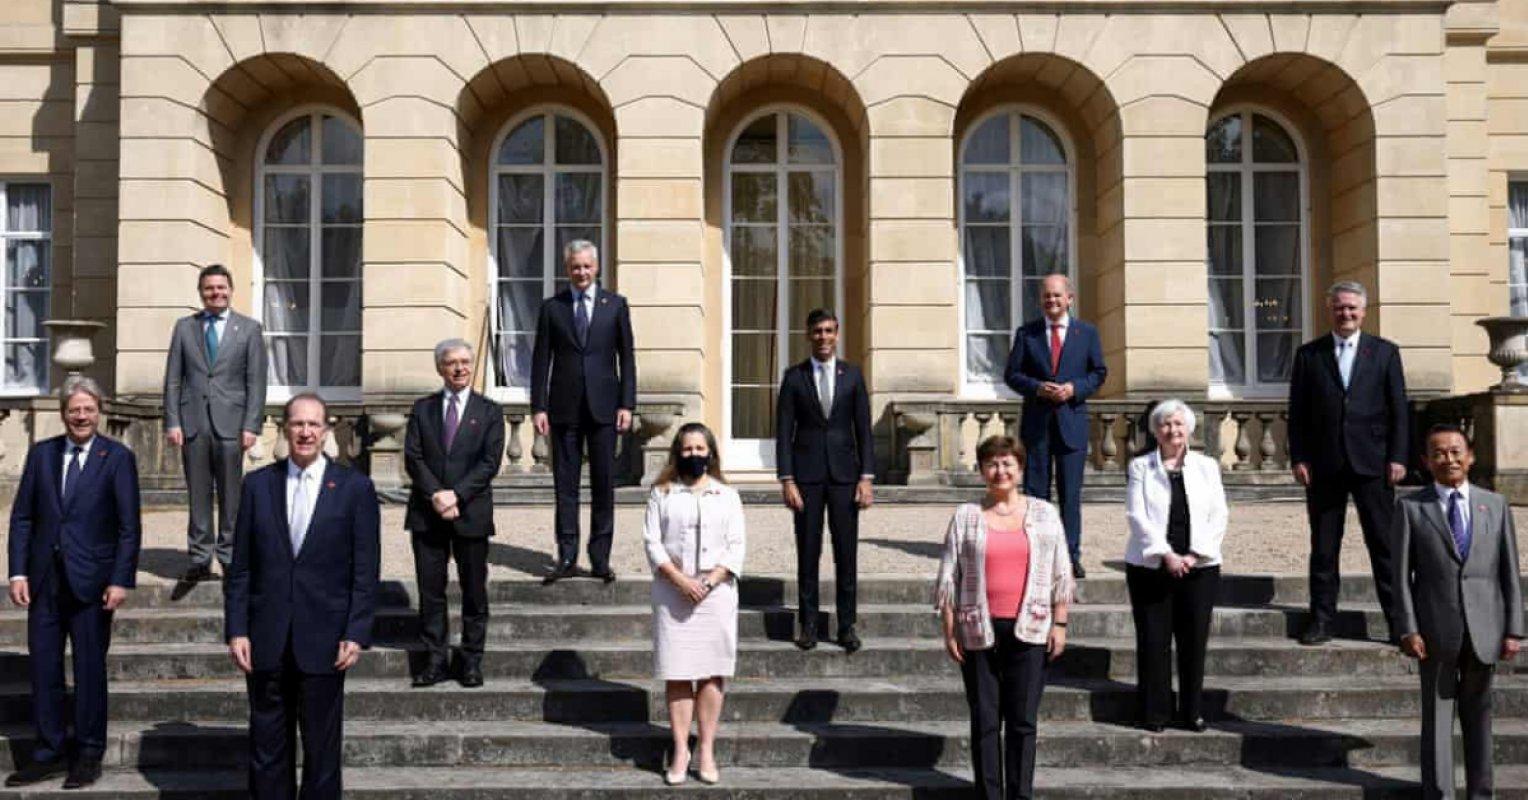 七國集團(G7)和歐盟宣佈達成「歷史性」稅收協議